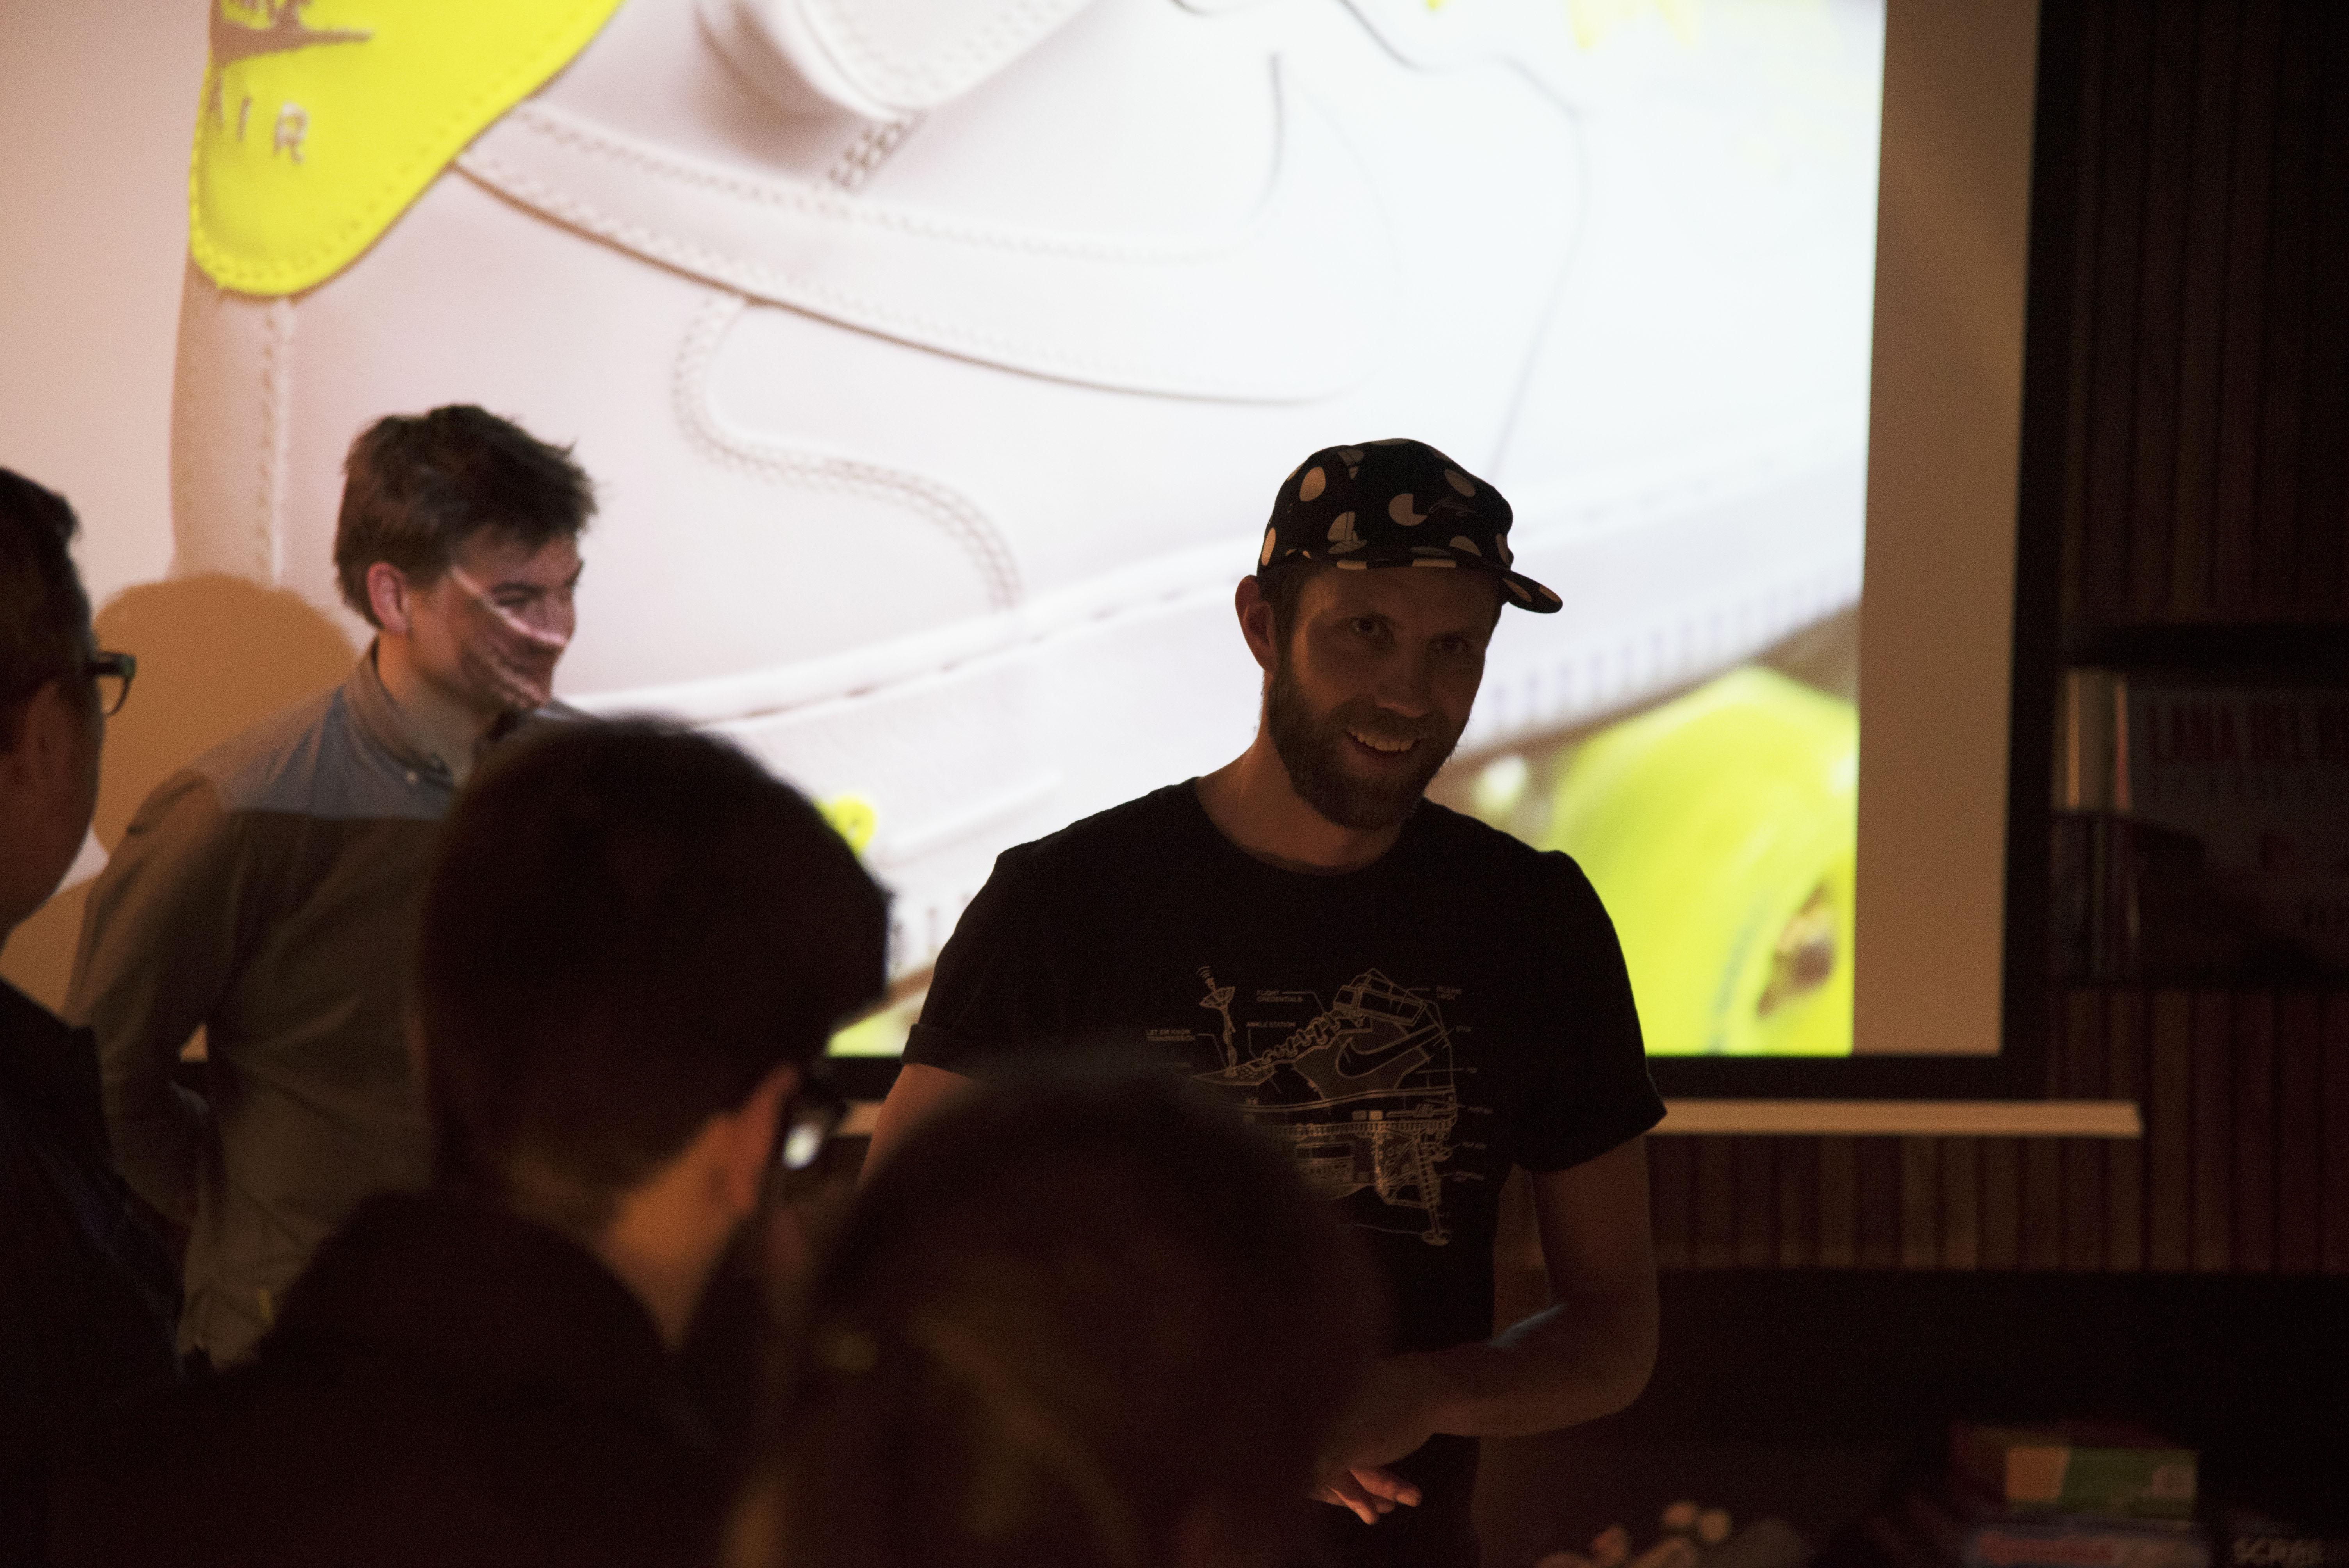 Les co-fondateurs pendant la présentation de la capsule fluo